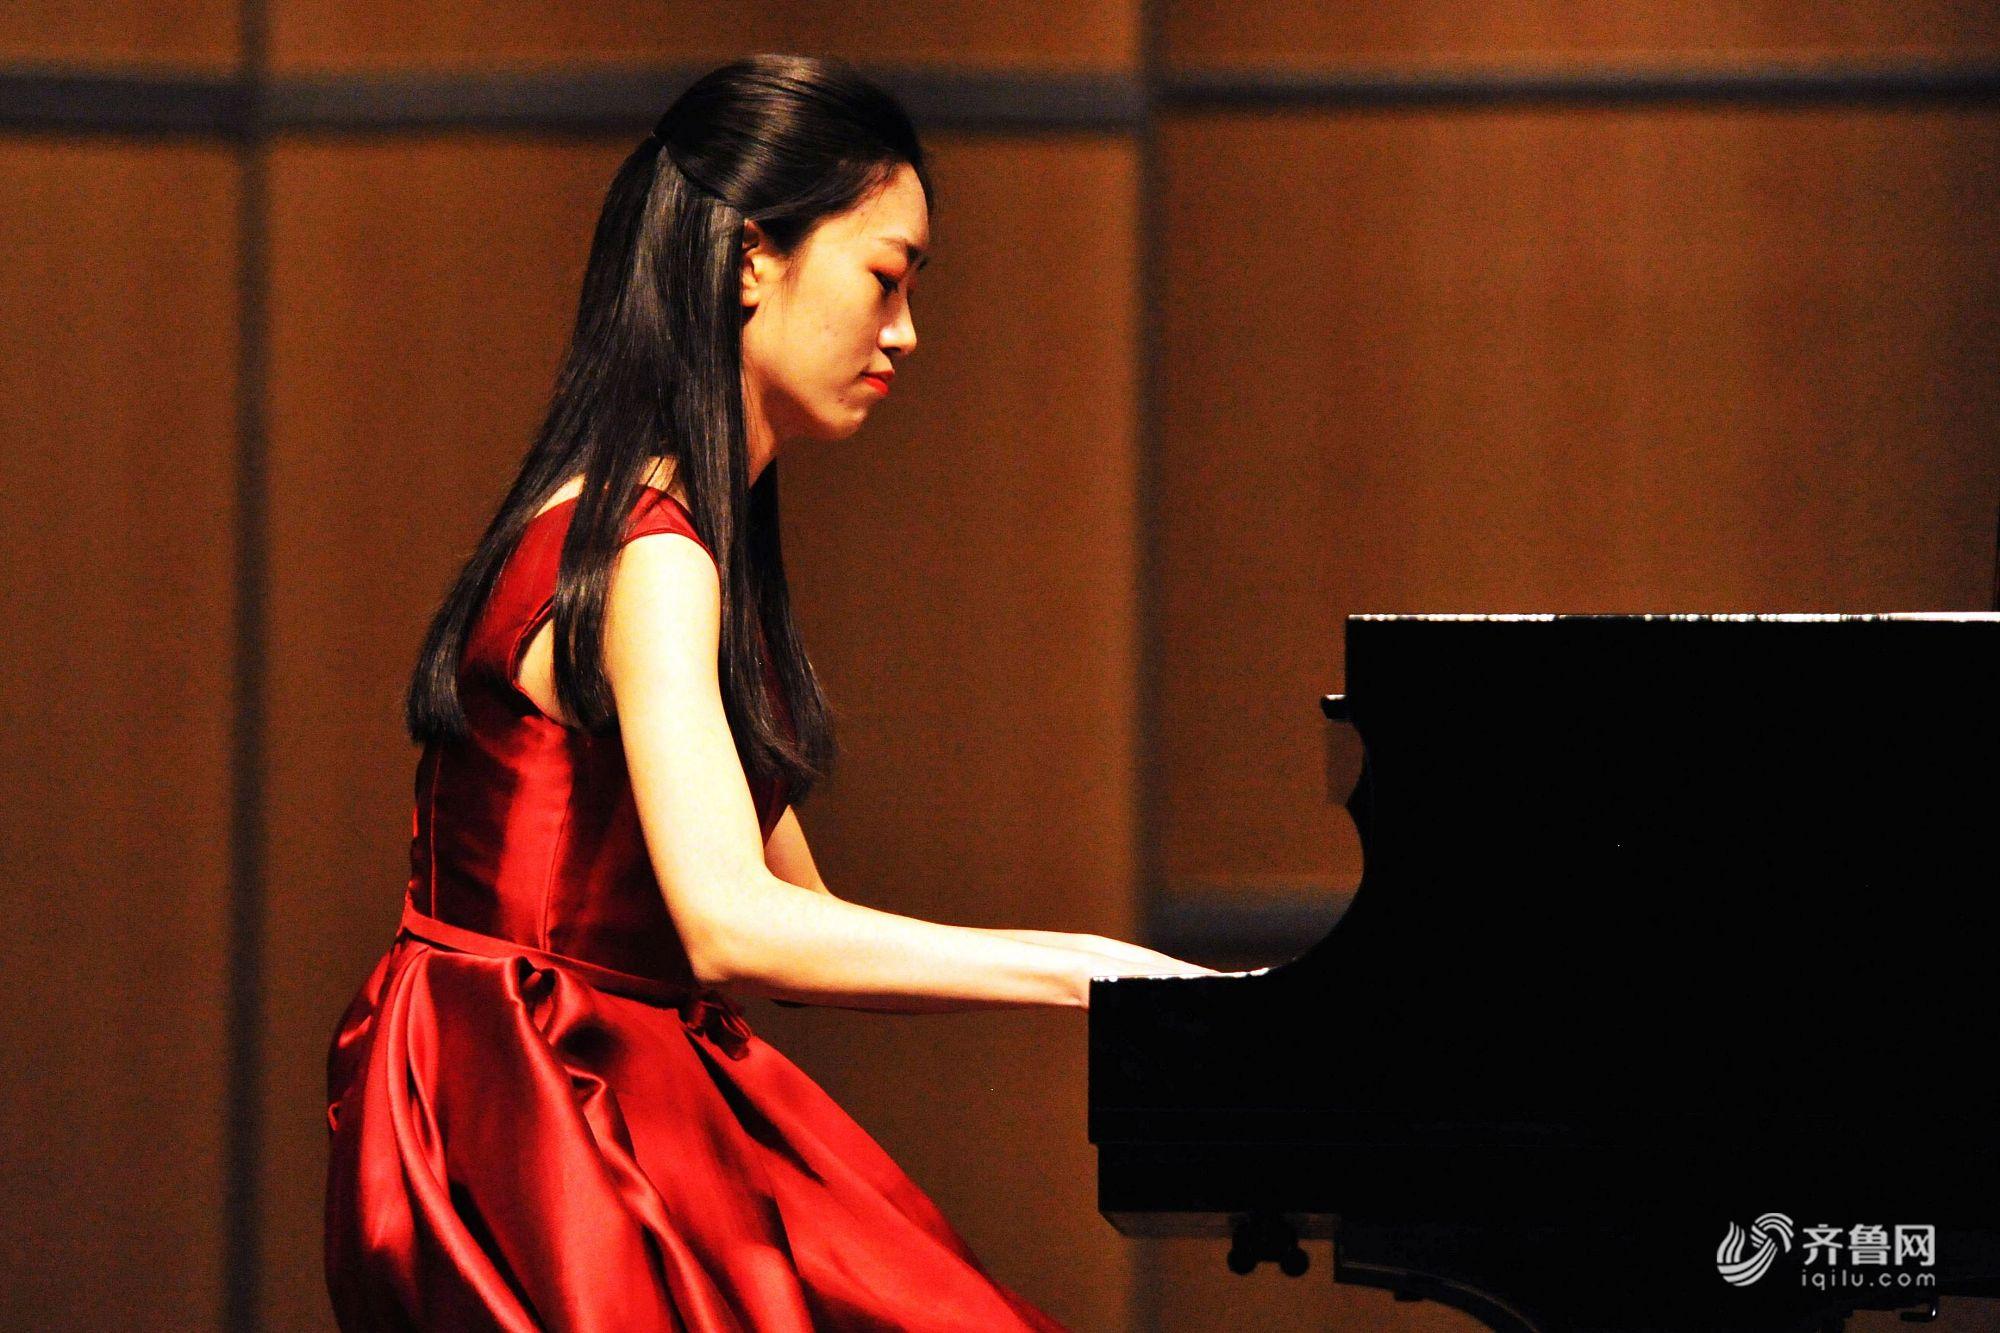 青岛高校大学生钢琴巡演举行 高雅音乐引发共鸣